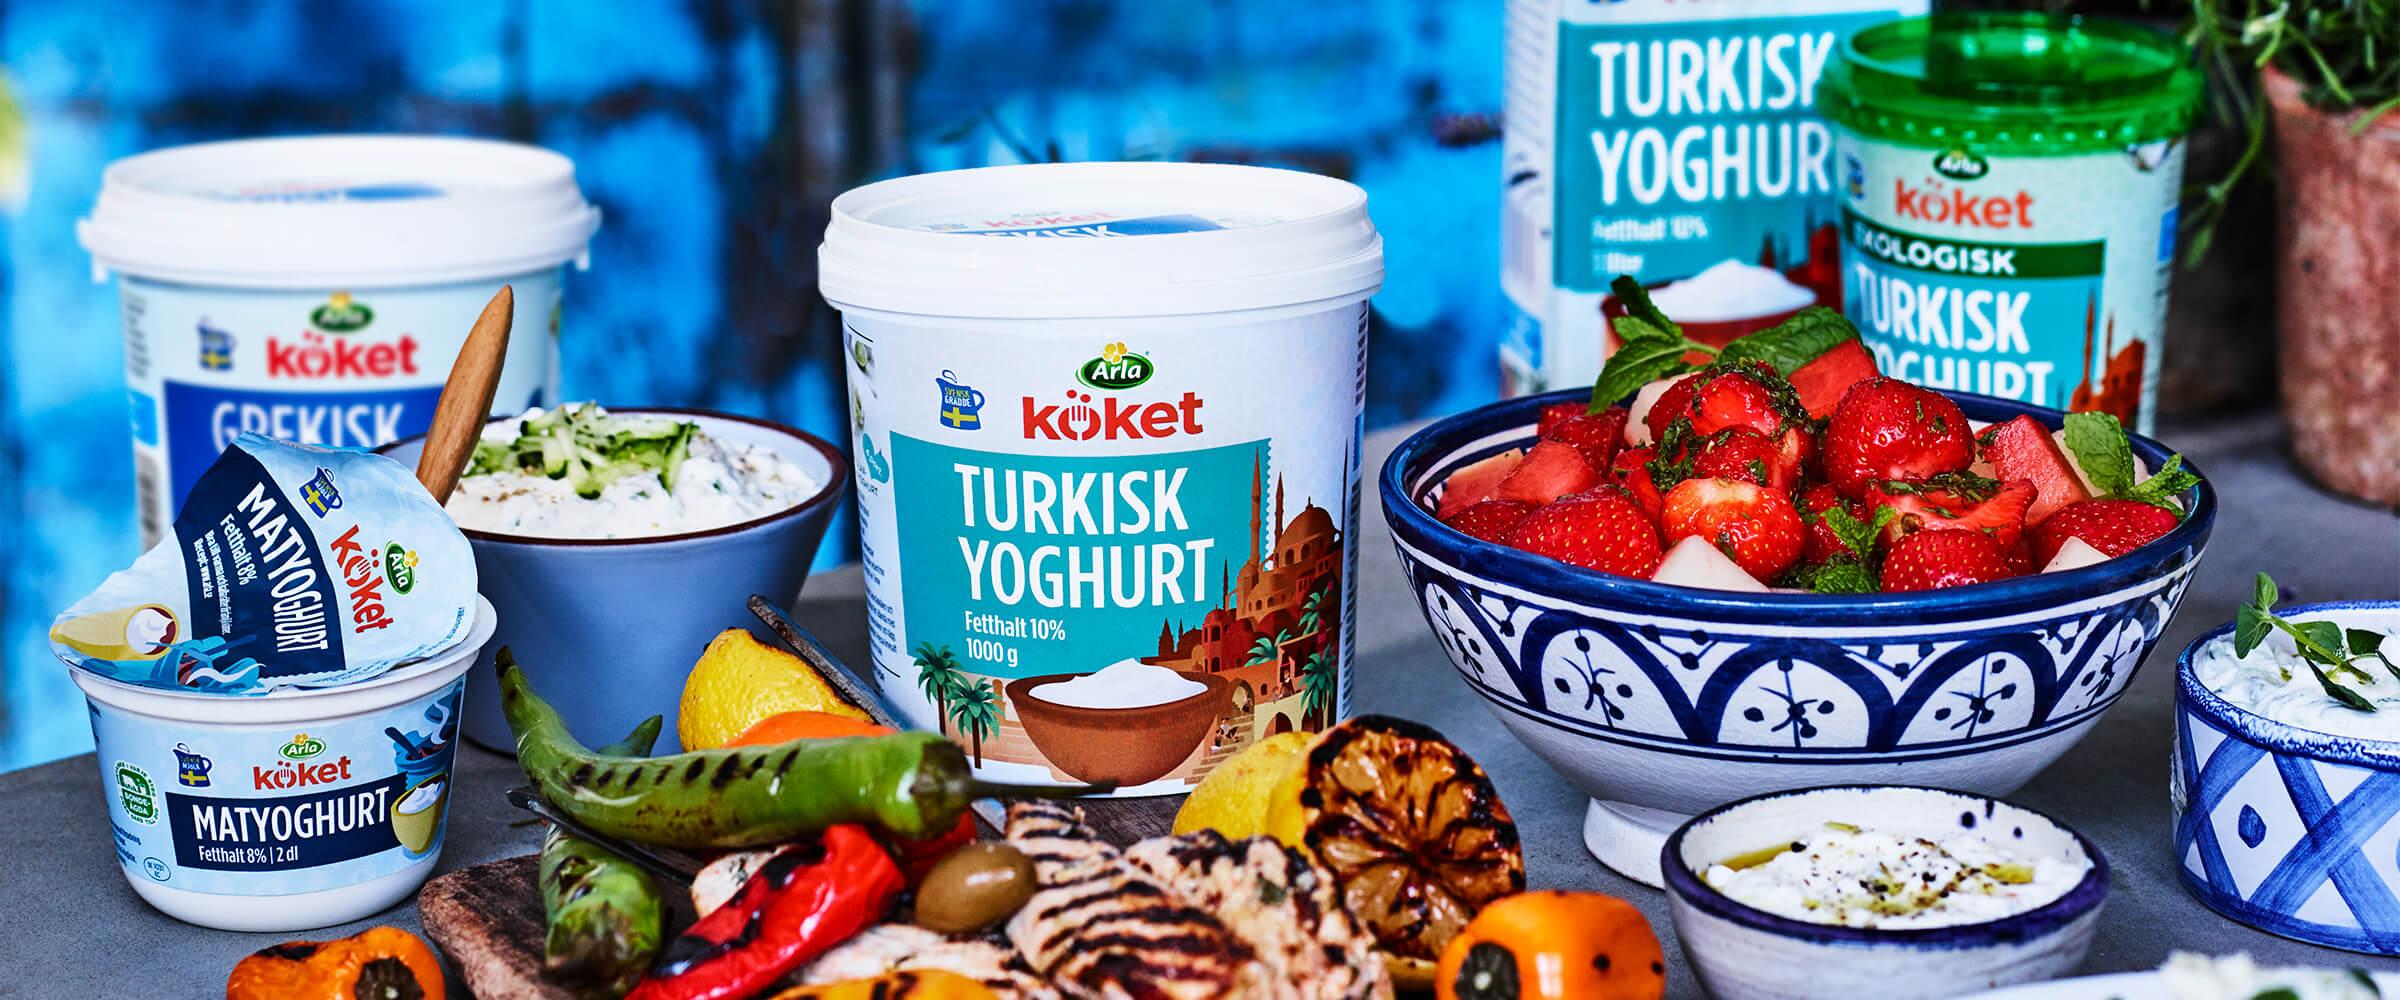 kan man värma turkisk yoghurt